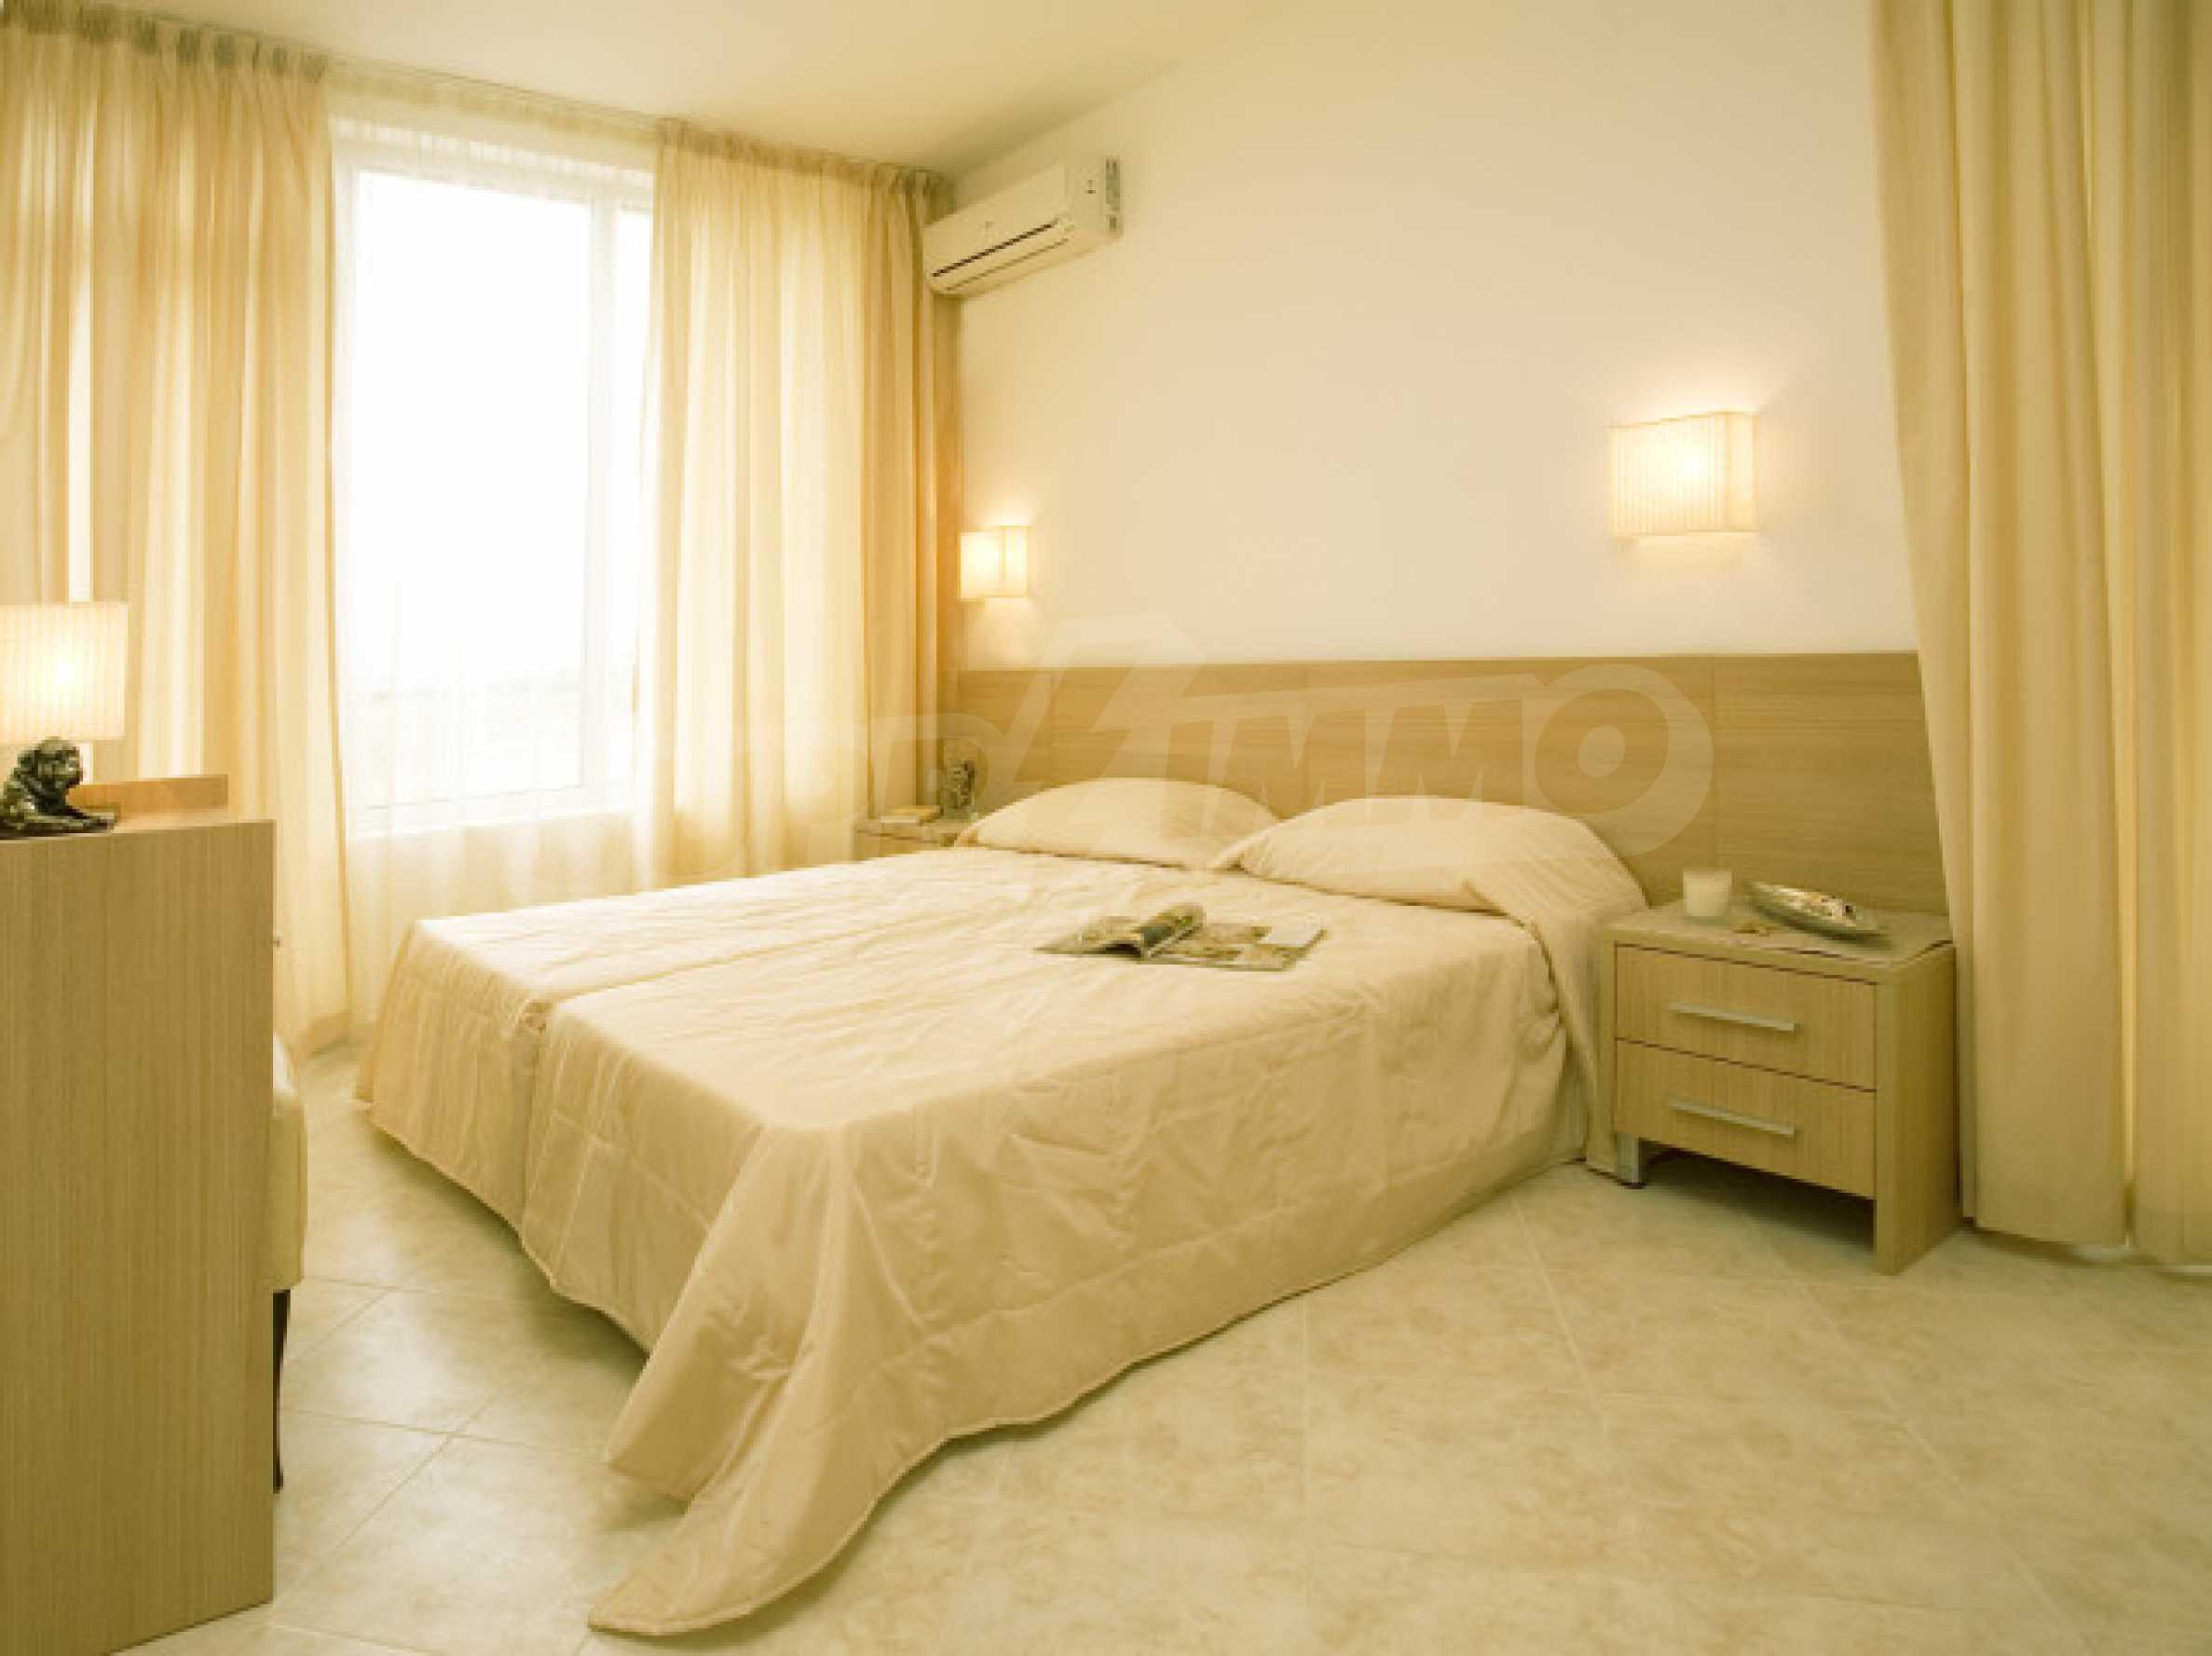 Sunset Kosharitsa - aпартаменти в атрактивен комплекс сред планината и морето, на 5 минути с кола от Слънчев бряг 58